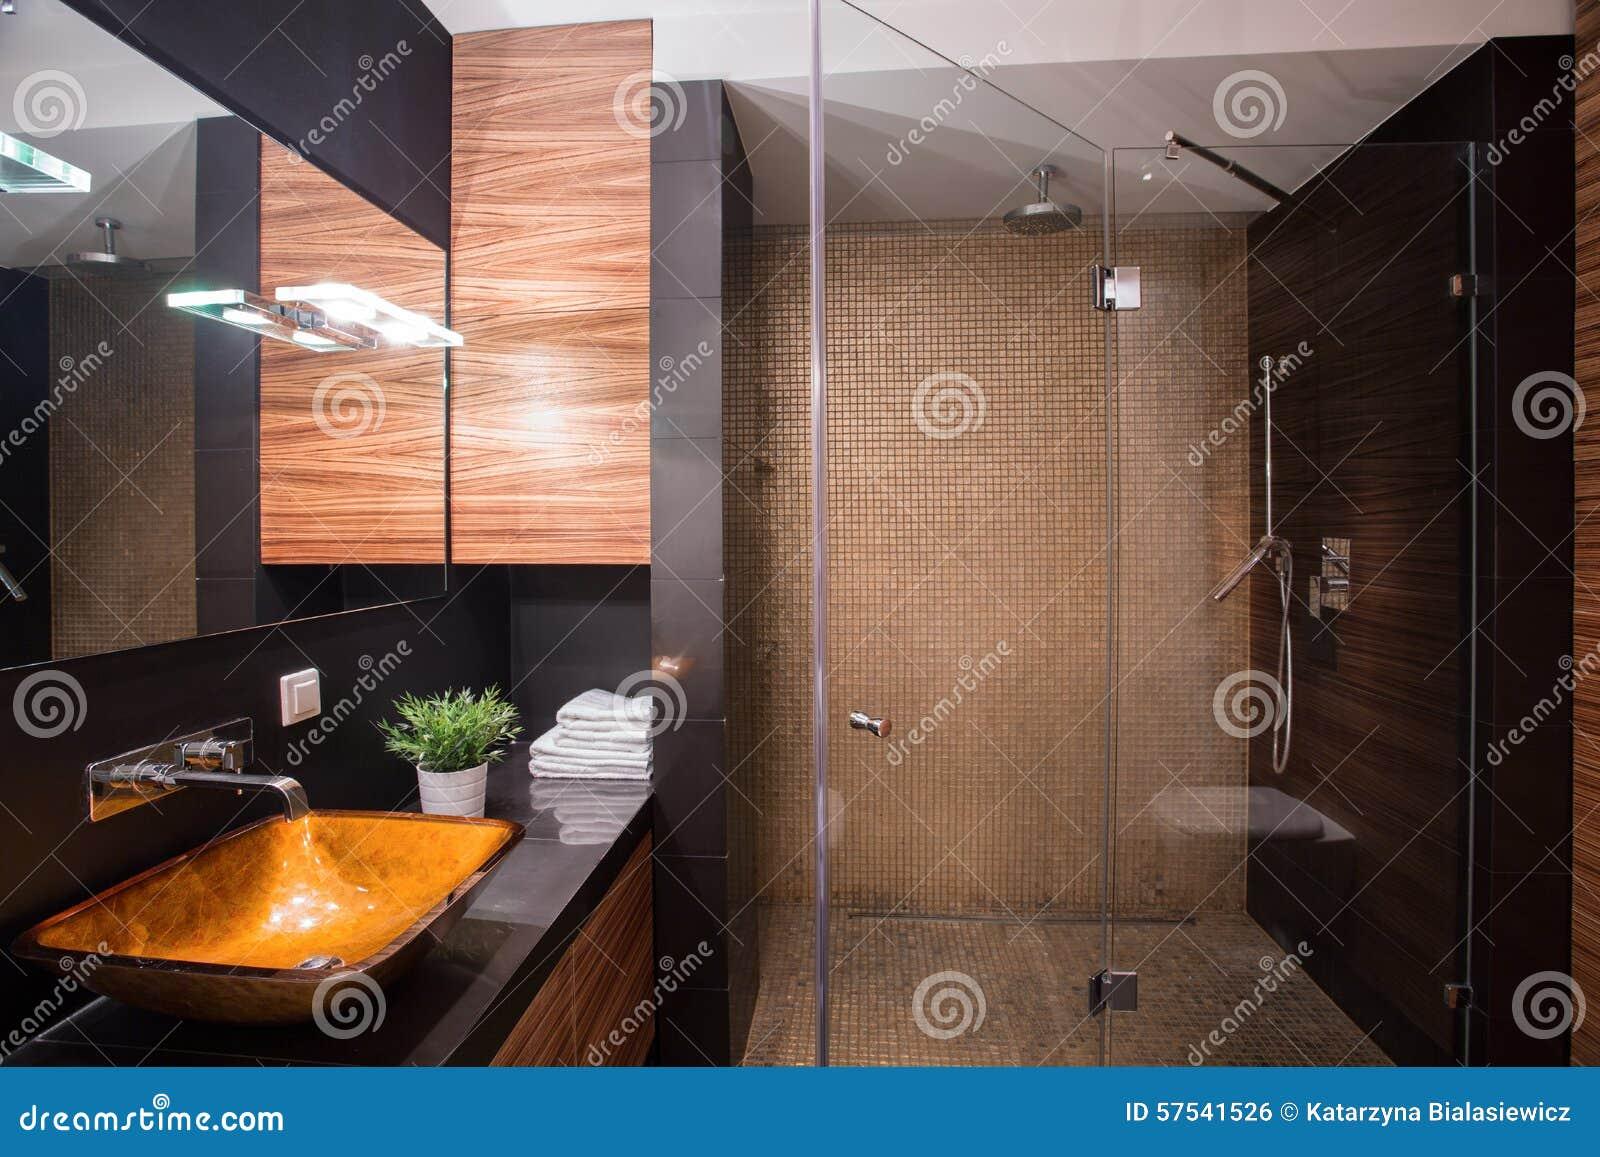 Luxe Donkere Badkamer : Donkere badkamers met grote douche stock foto afbeelding bestaande